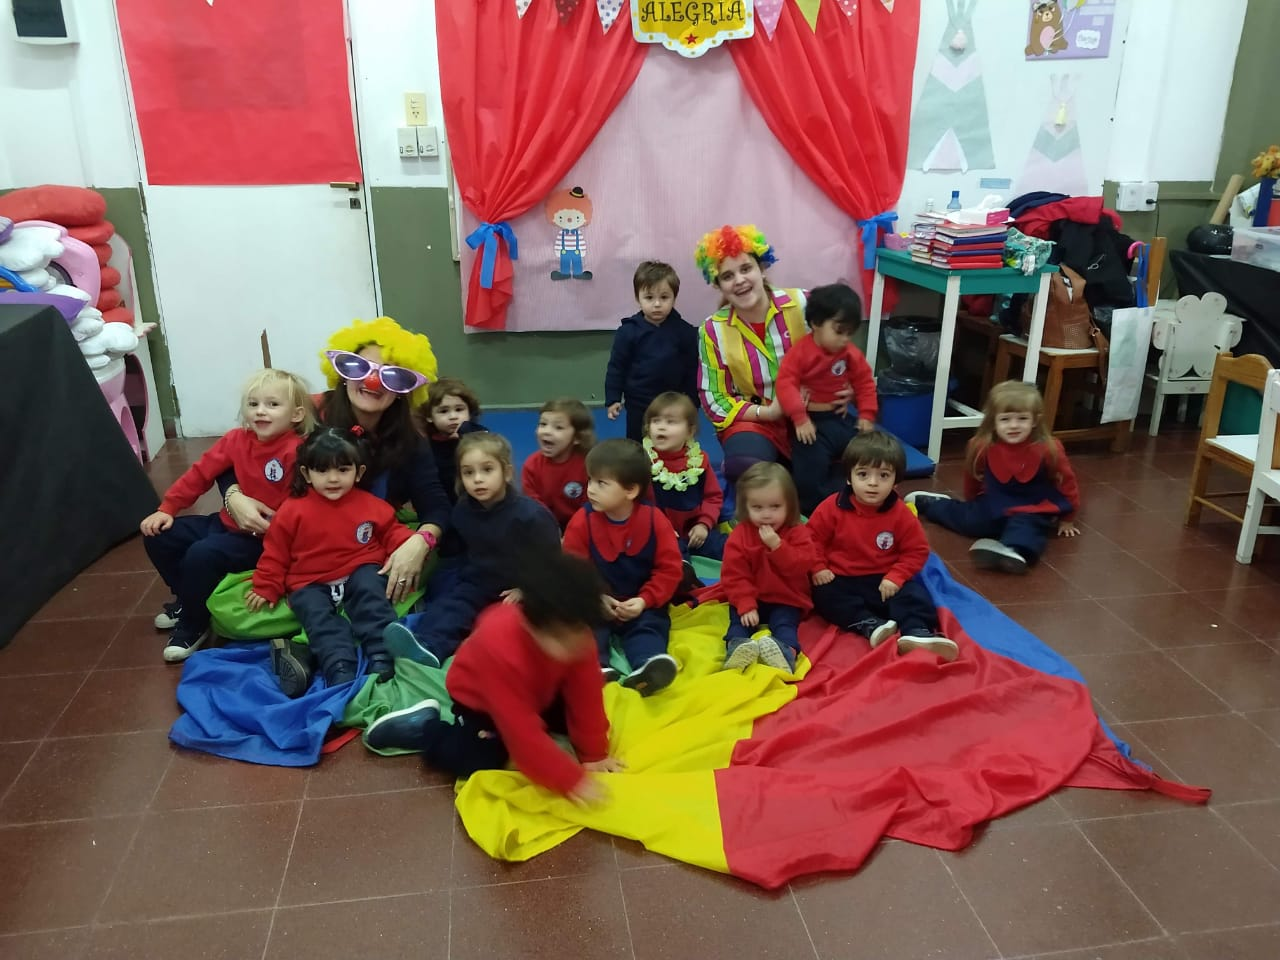 Bienvenidos al circo alegría: nos divertimos con los payasos